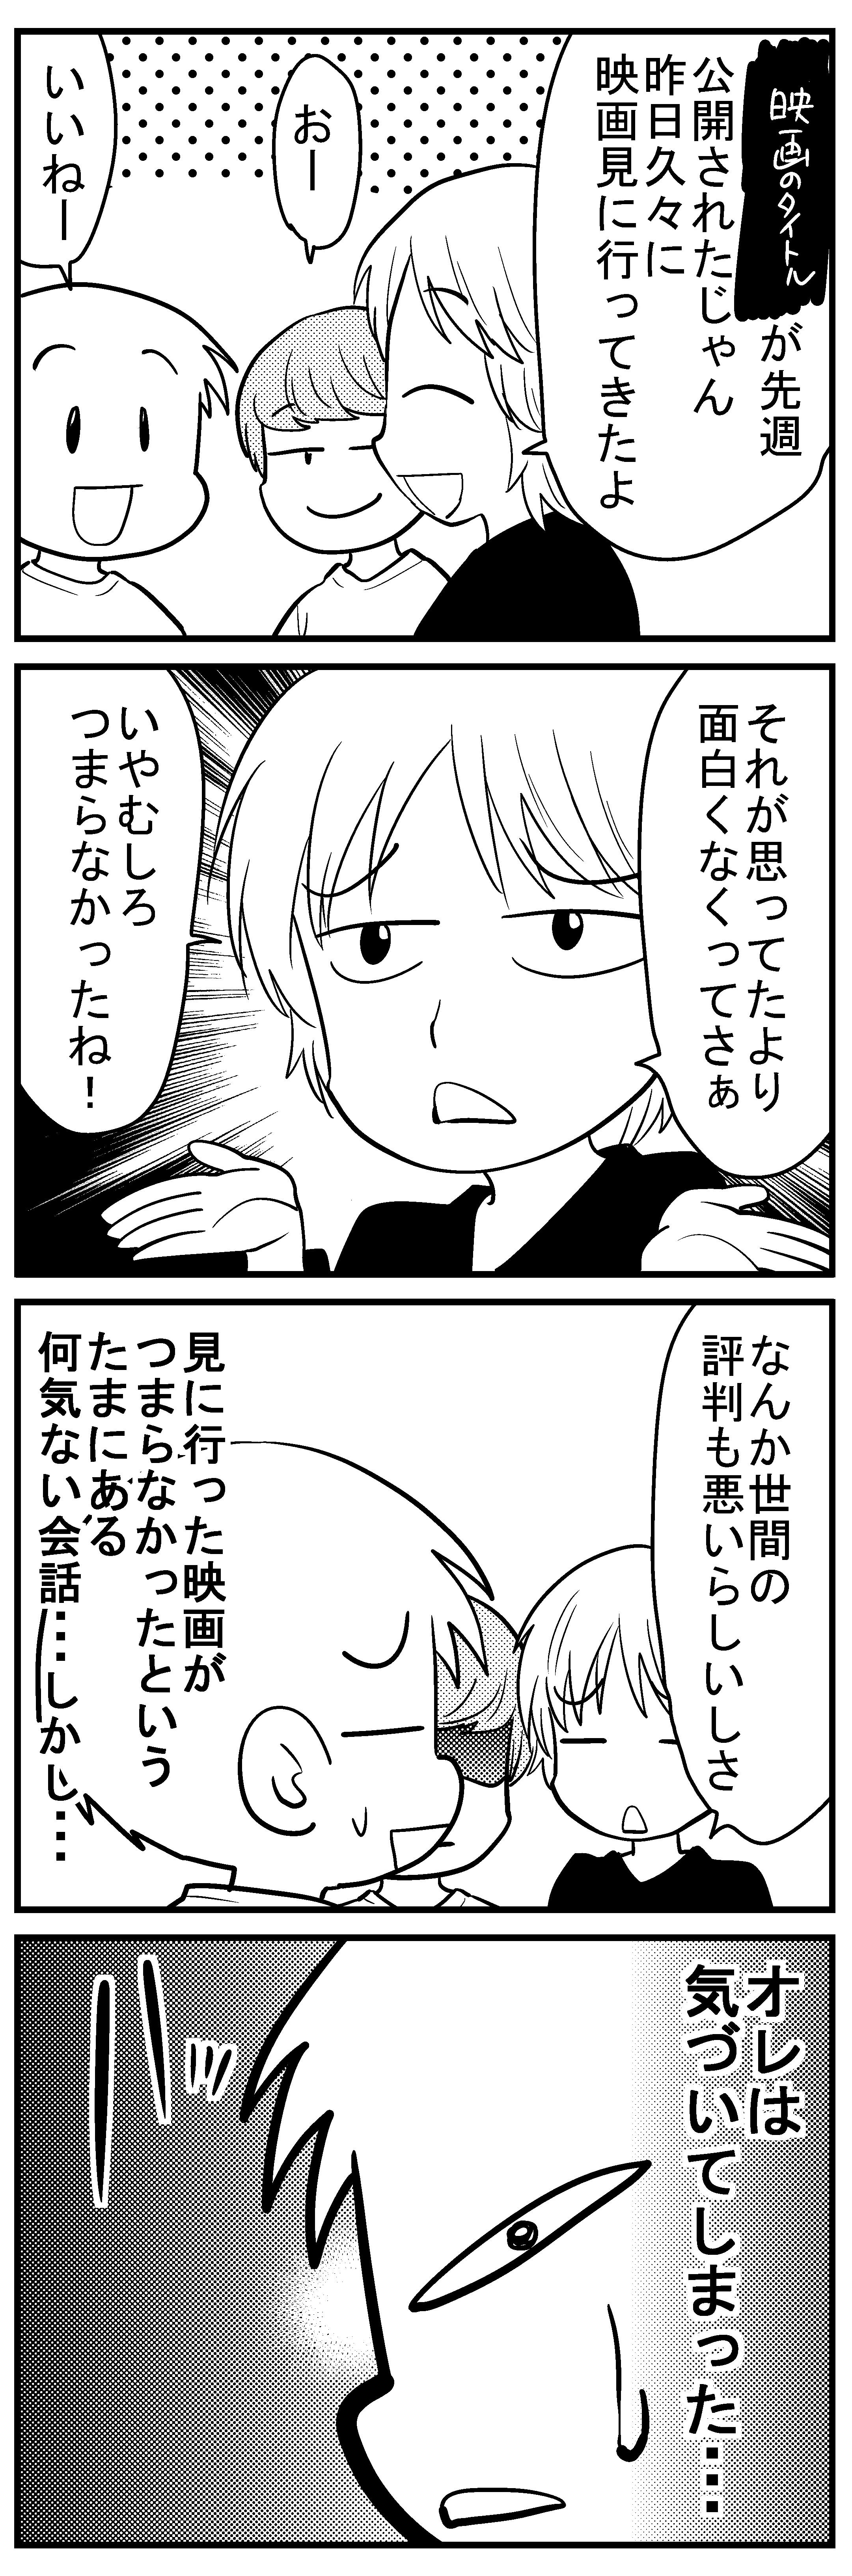 深読みくん42-1